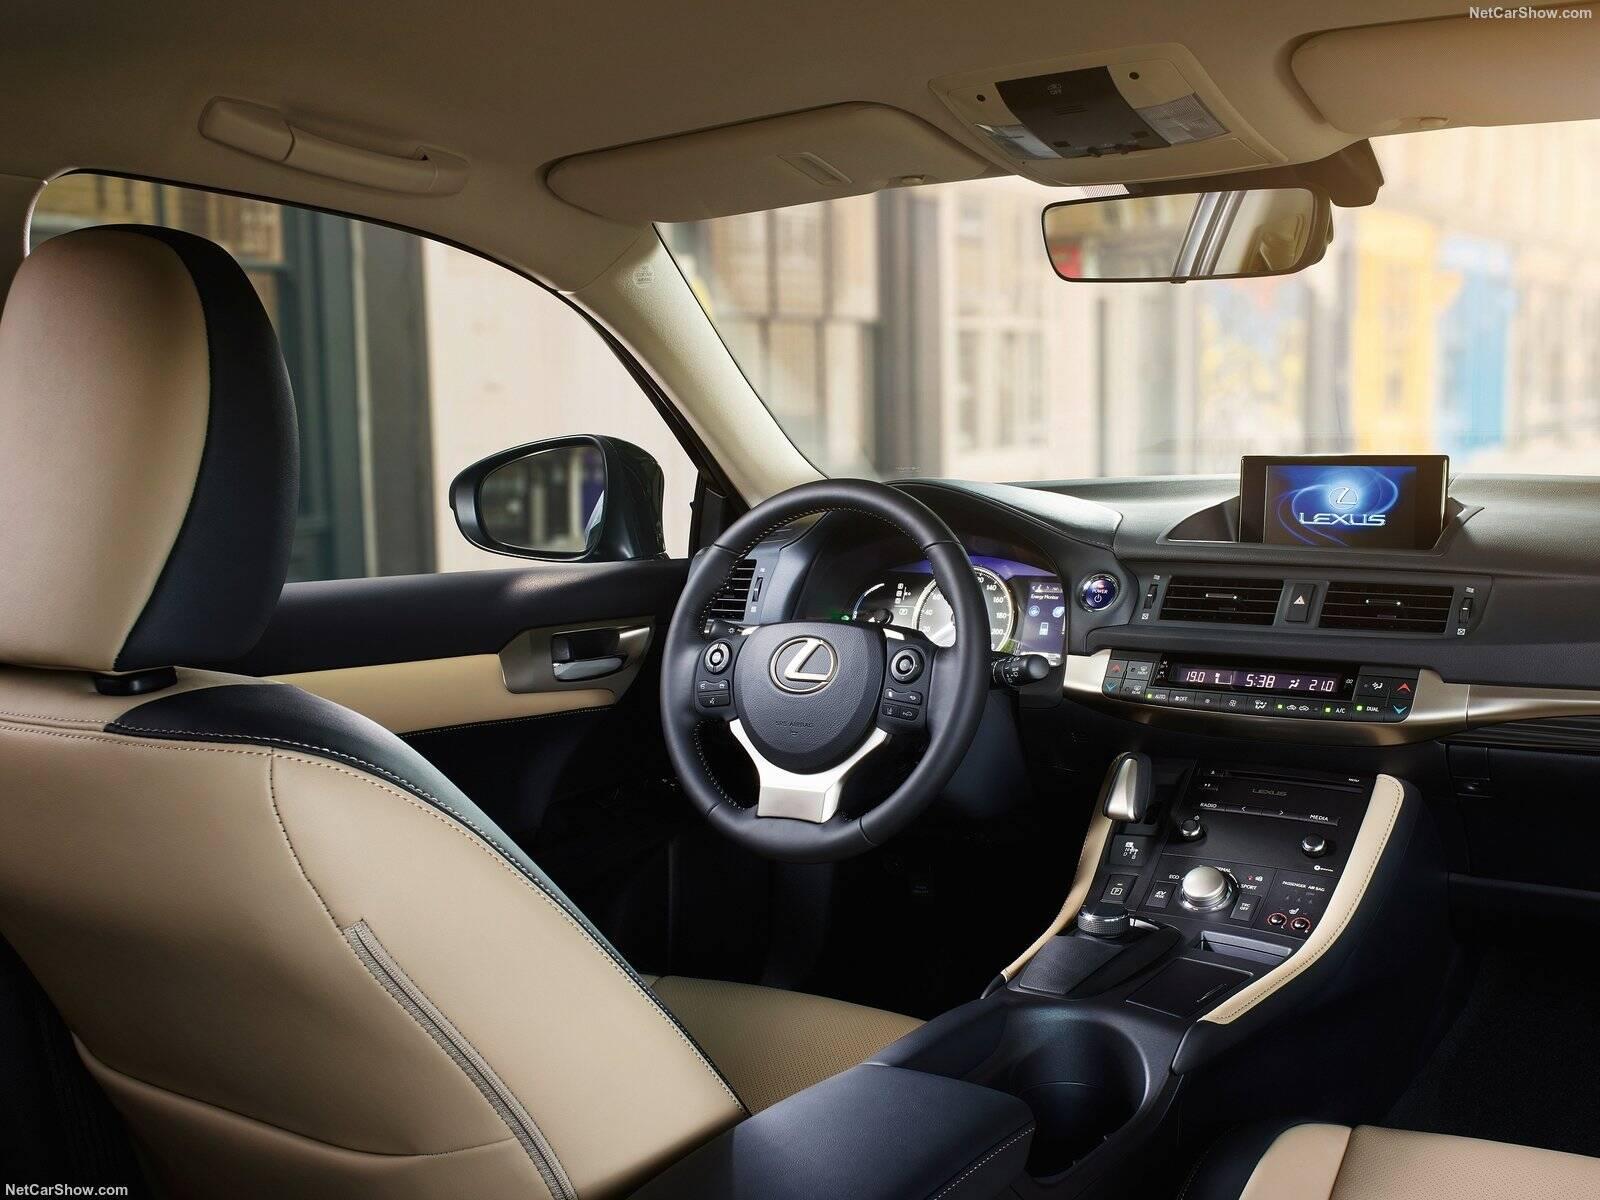 Lexus CT 200 h. Foto: Divulgação